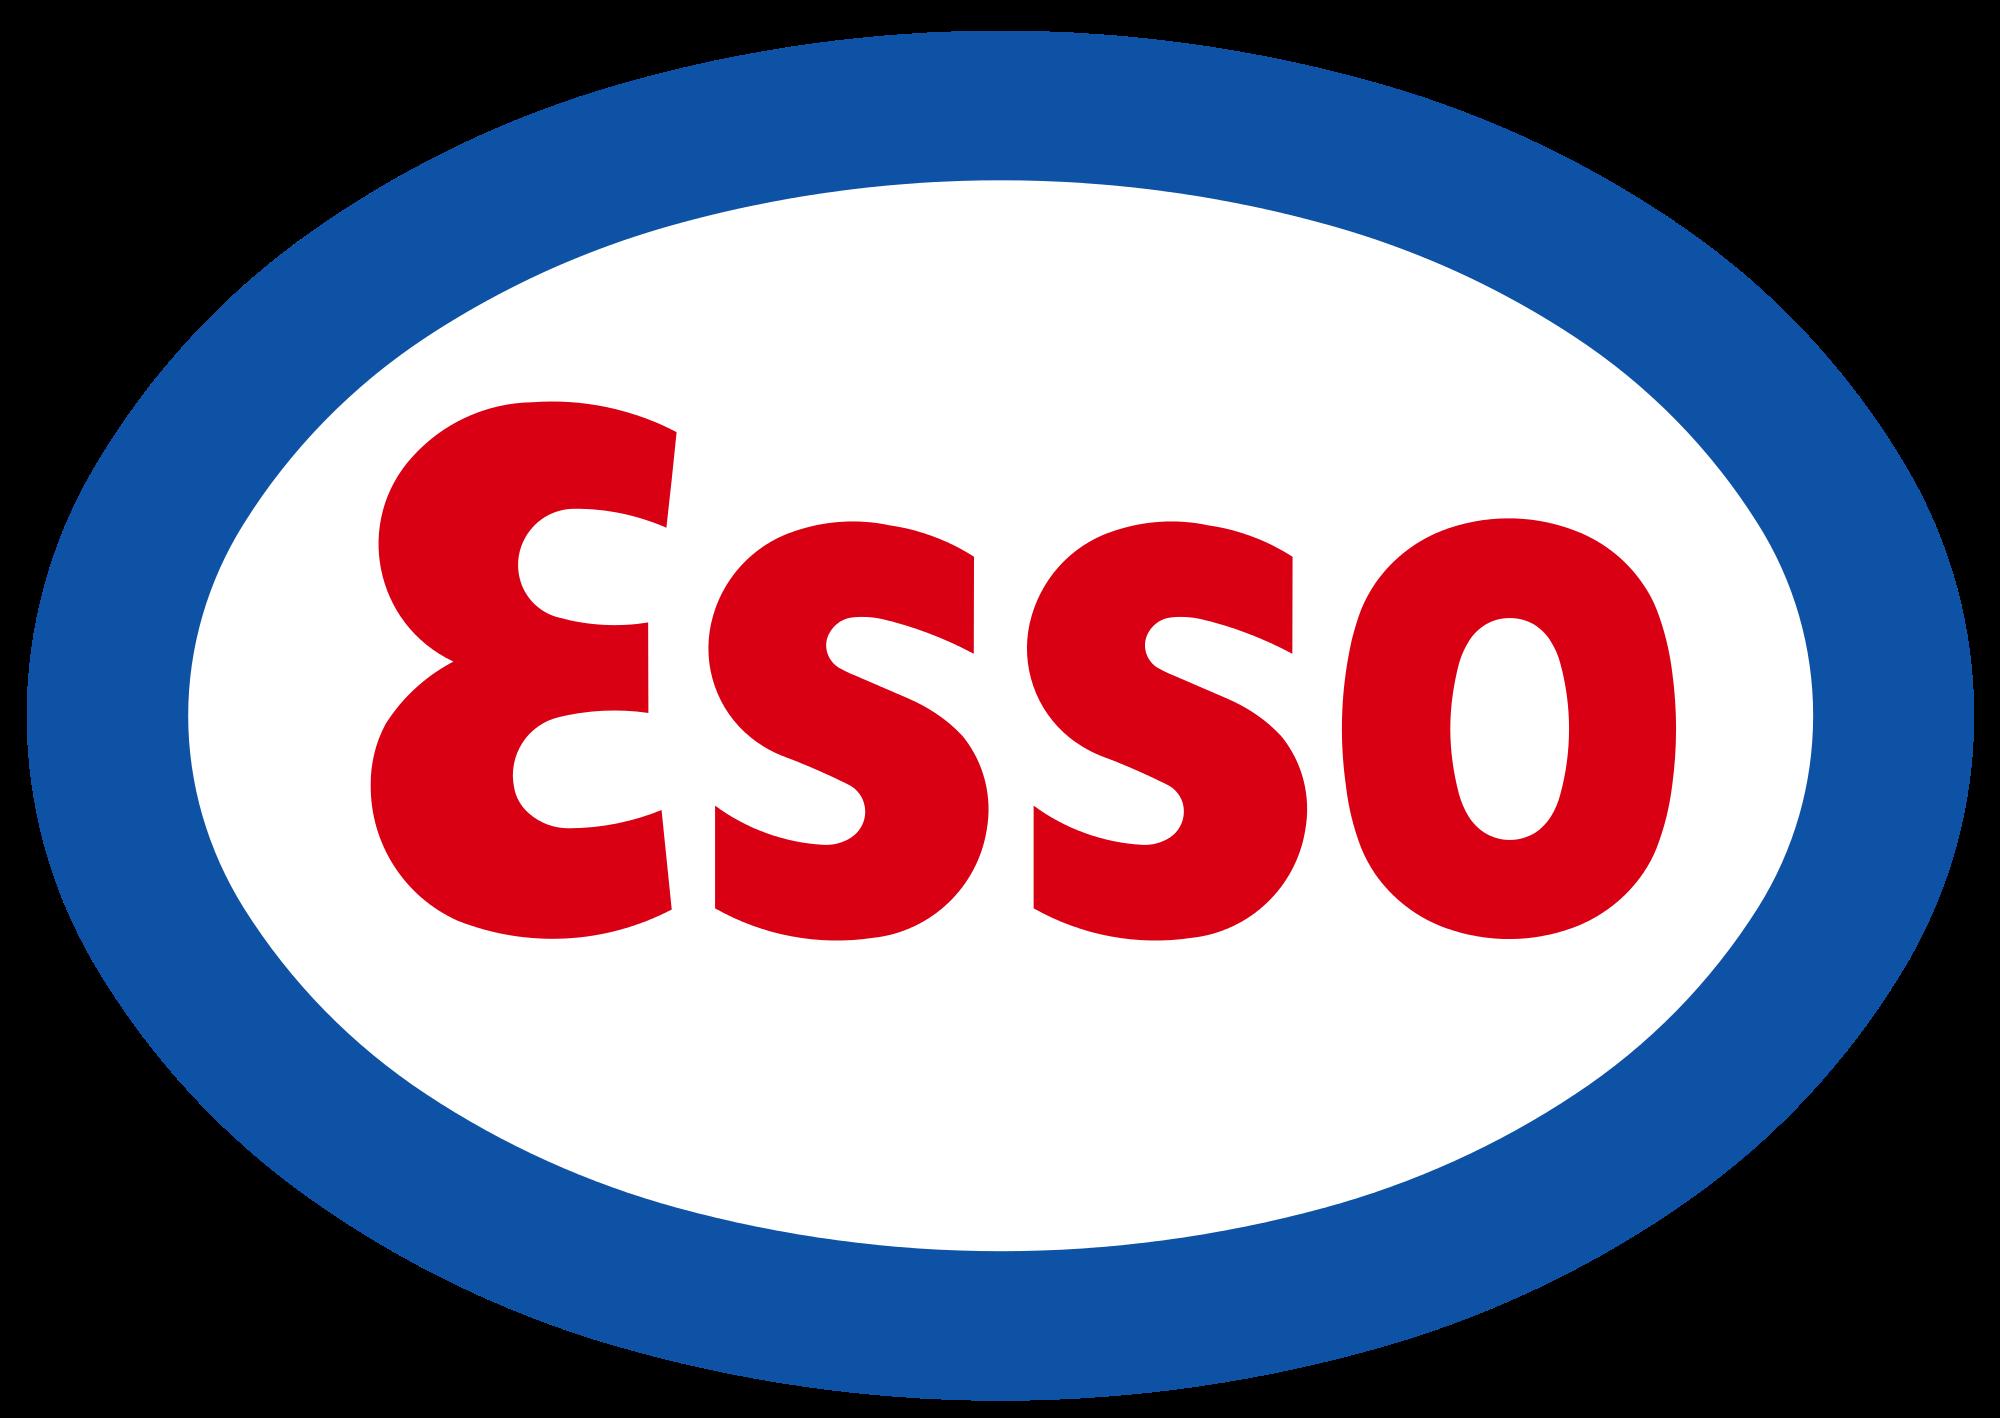 Esso香港